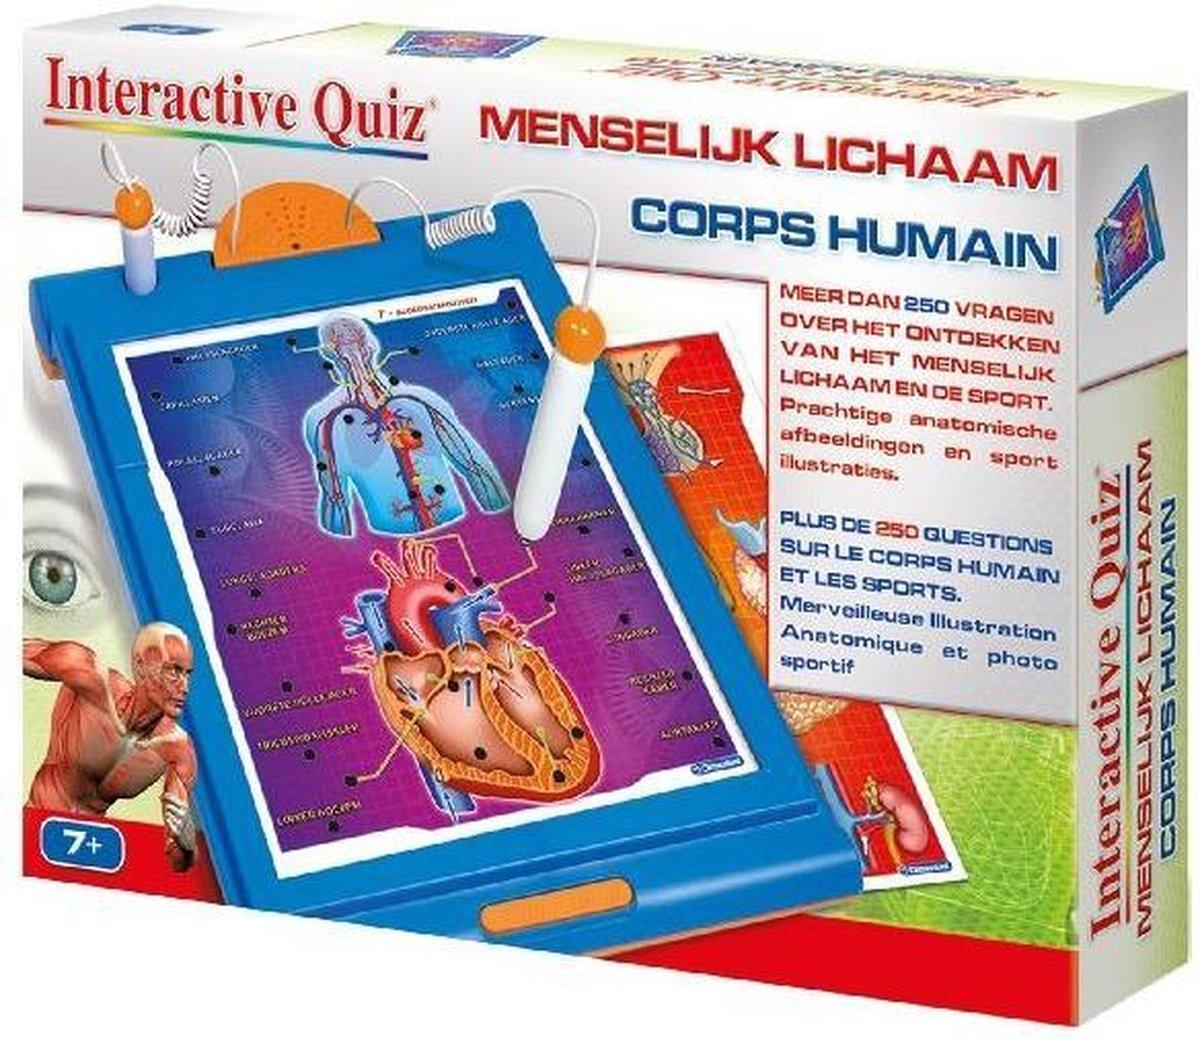 Clementoni Interactieve Quiz Menselijk Lichaam 7+